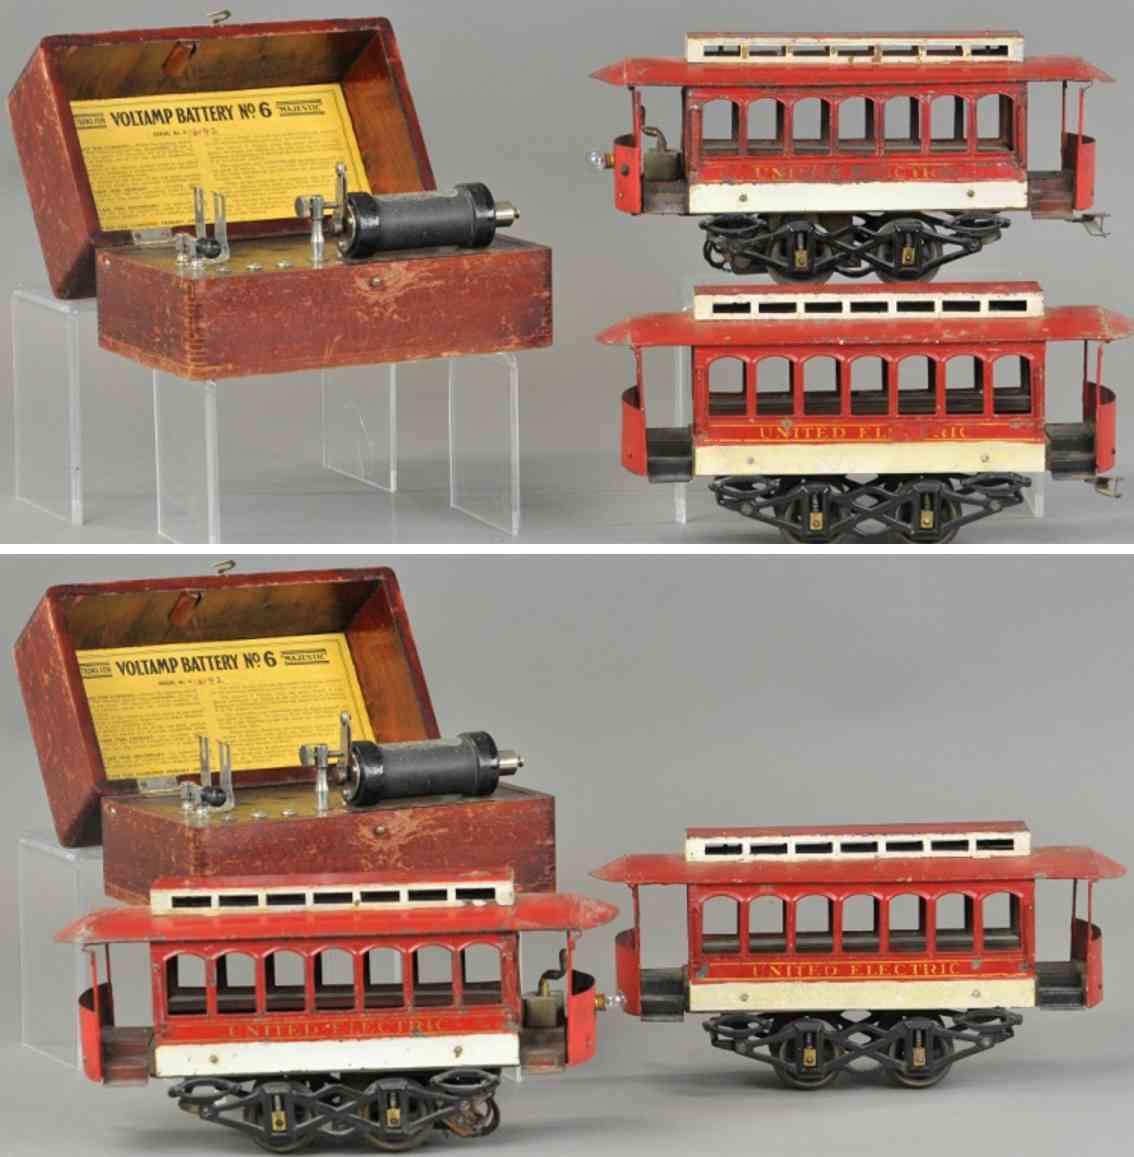 voltamp strassenbahn 2120 antriebswagen anaeänger 2122 batterie 6